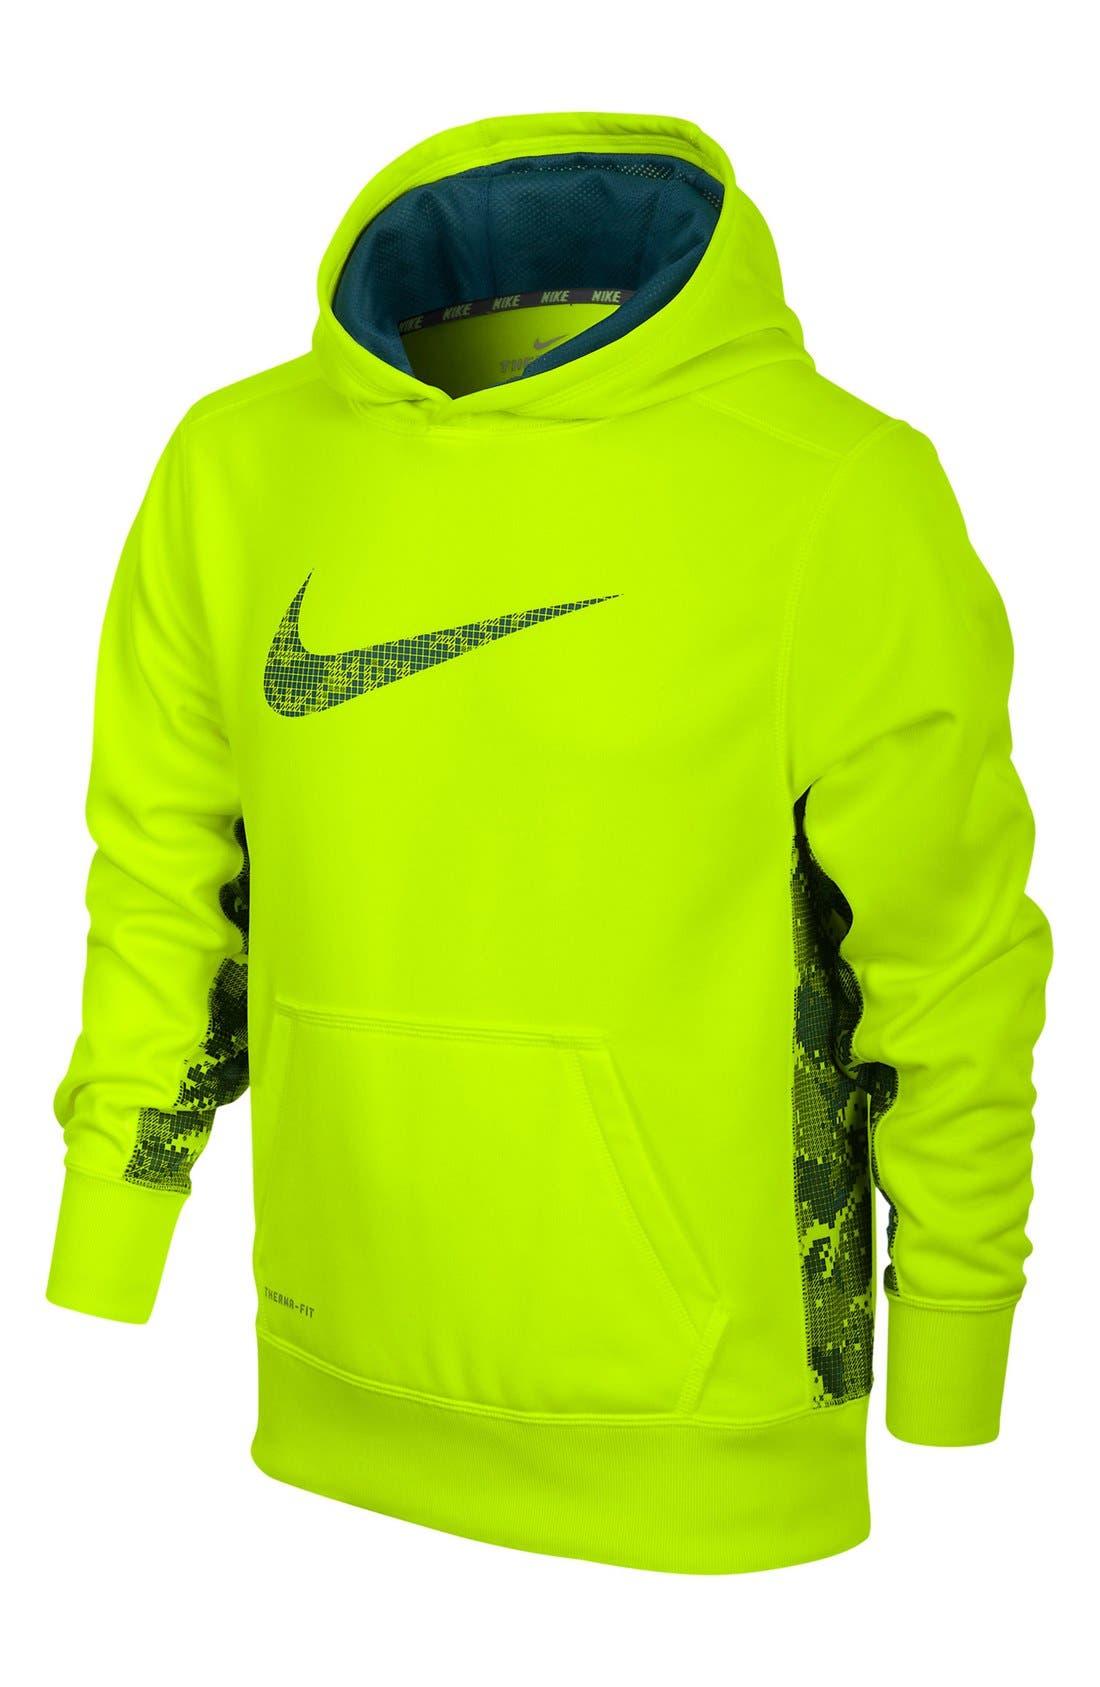 Alternate Image 1 Selected - Nike 'KO 2.0' Hoodie (Big Boys)